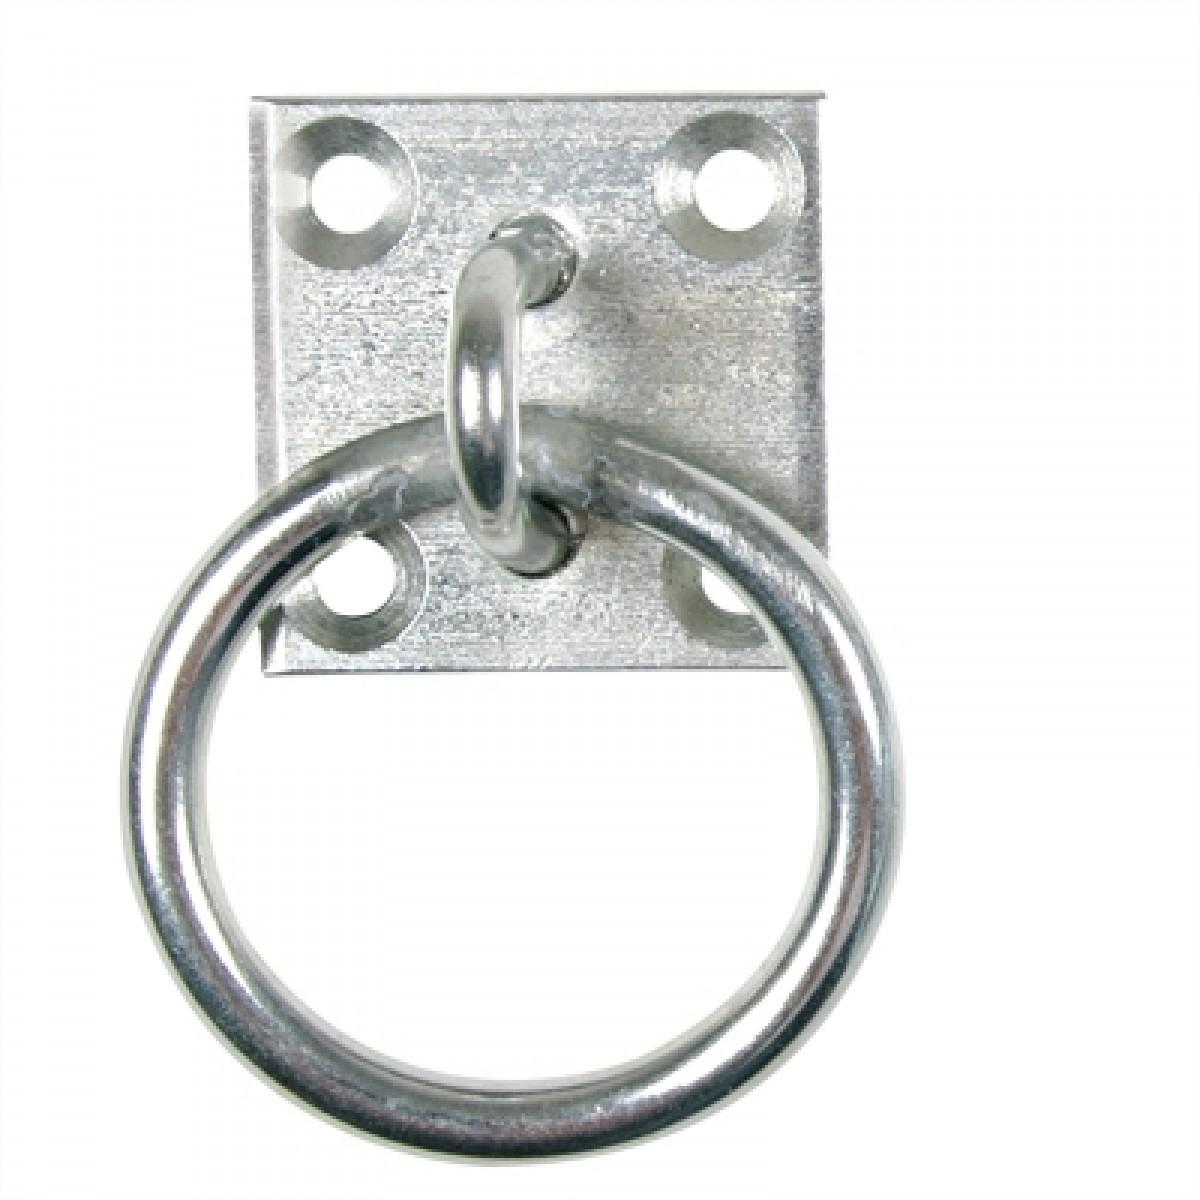 Rustfristål plade m/ring